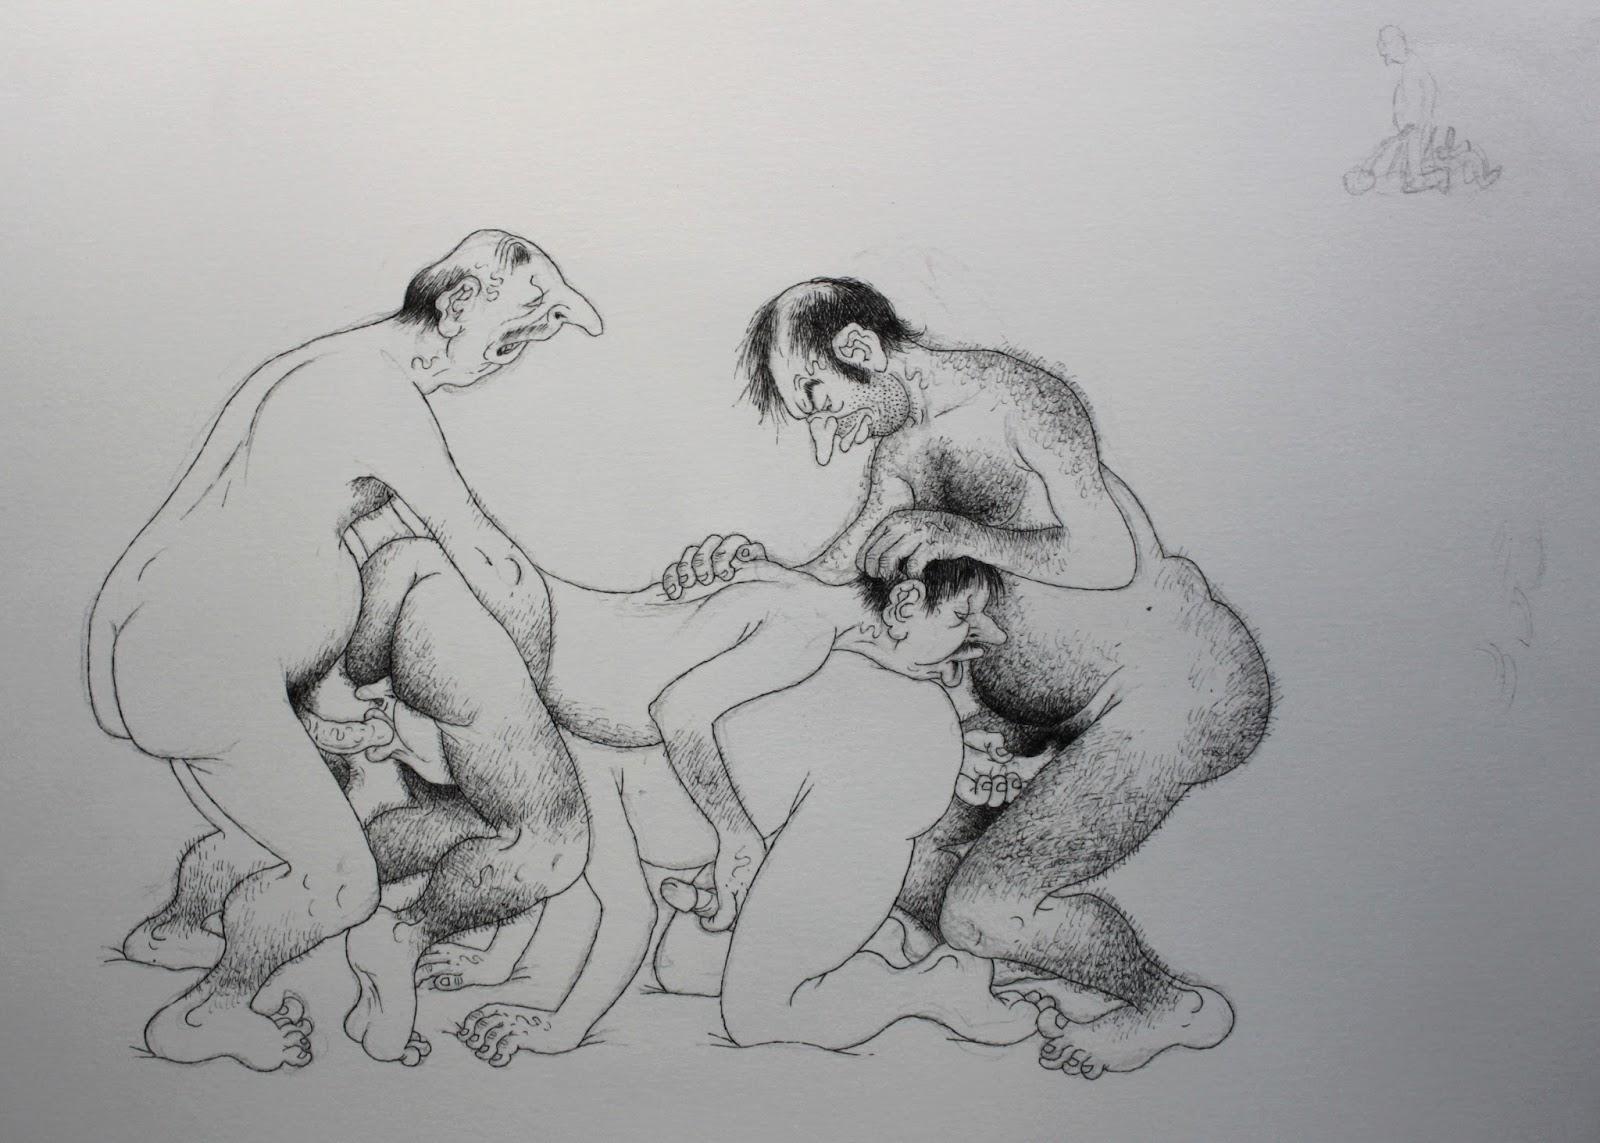 SUUSEKSIÄ HOMOSEKSUAALISEEN MIEHELLE MIES TYYDYTTÄMINEN